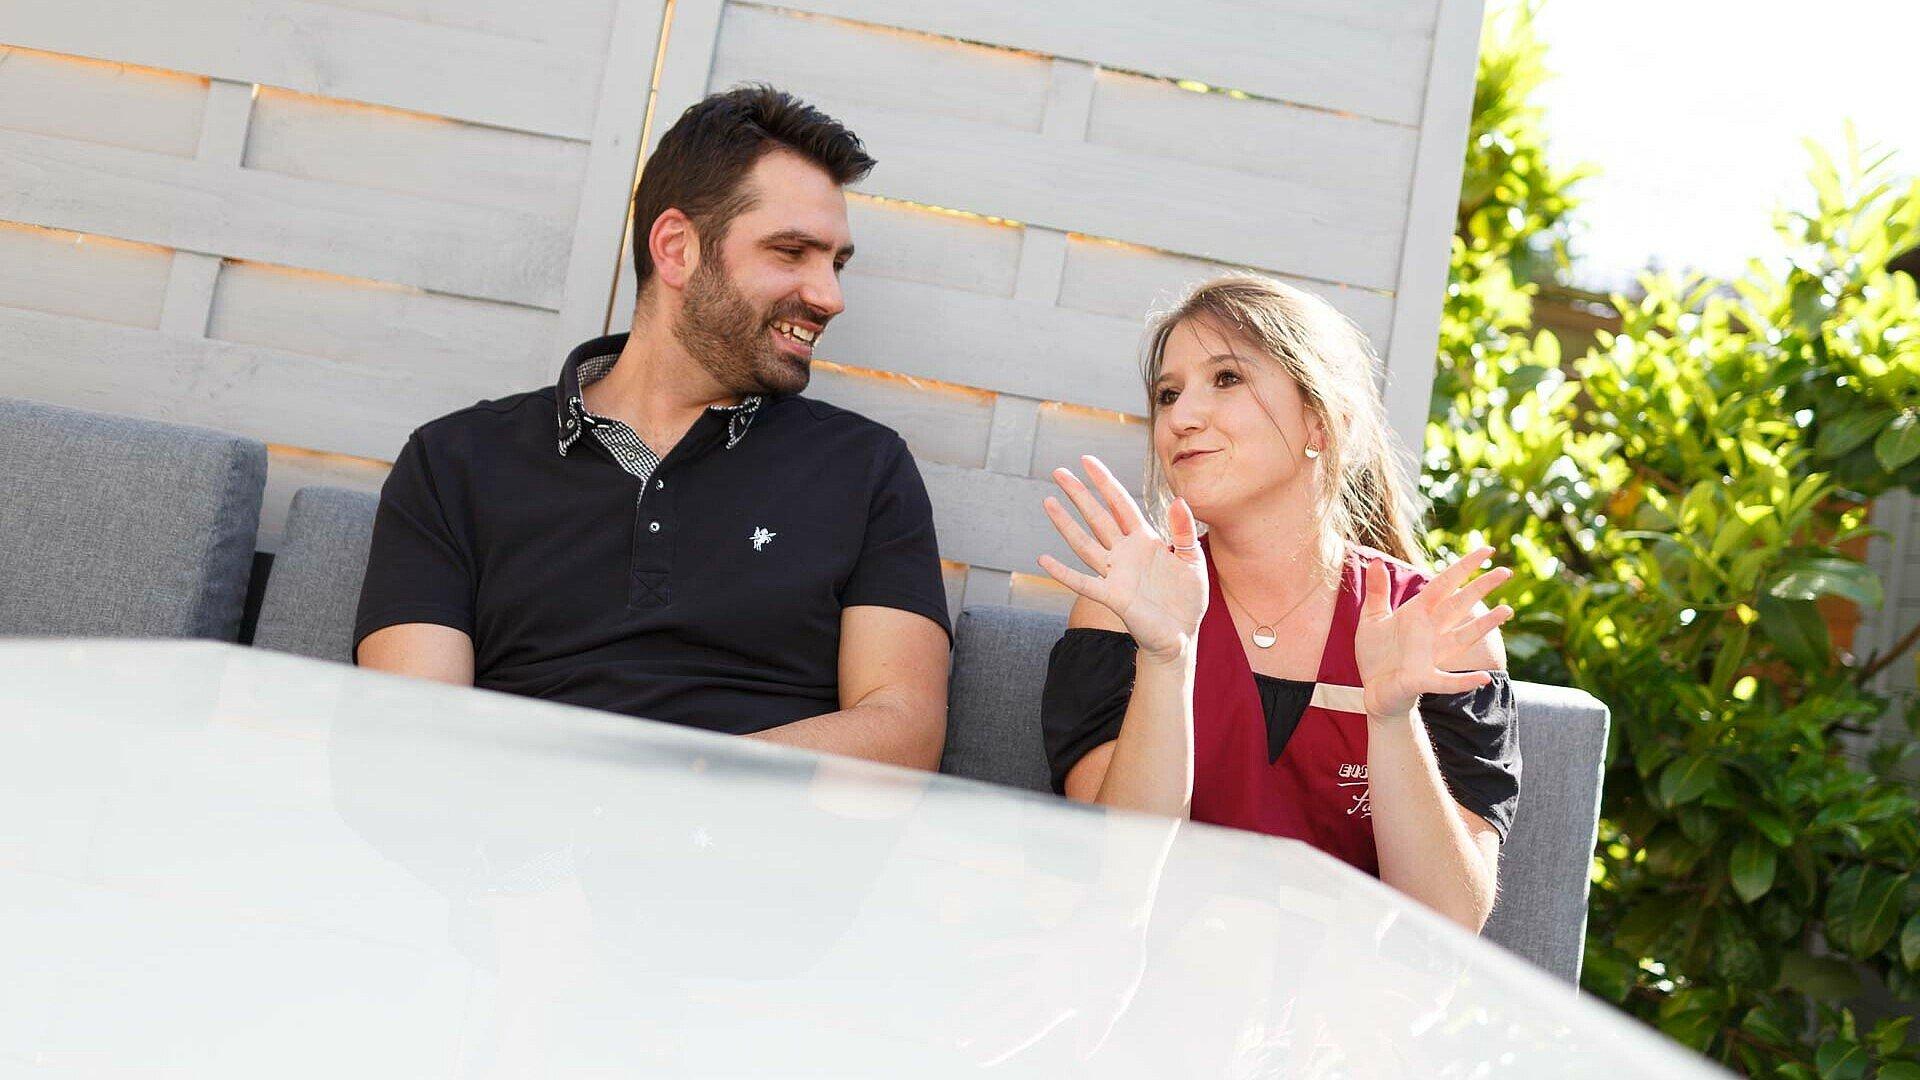 Daniele und Carina gemeinsam am Gartentisch